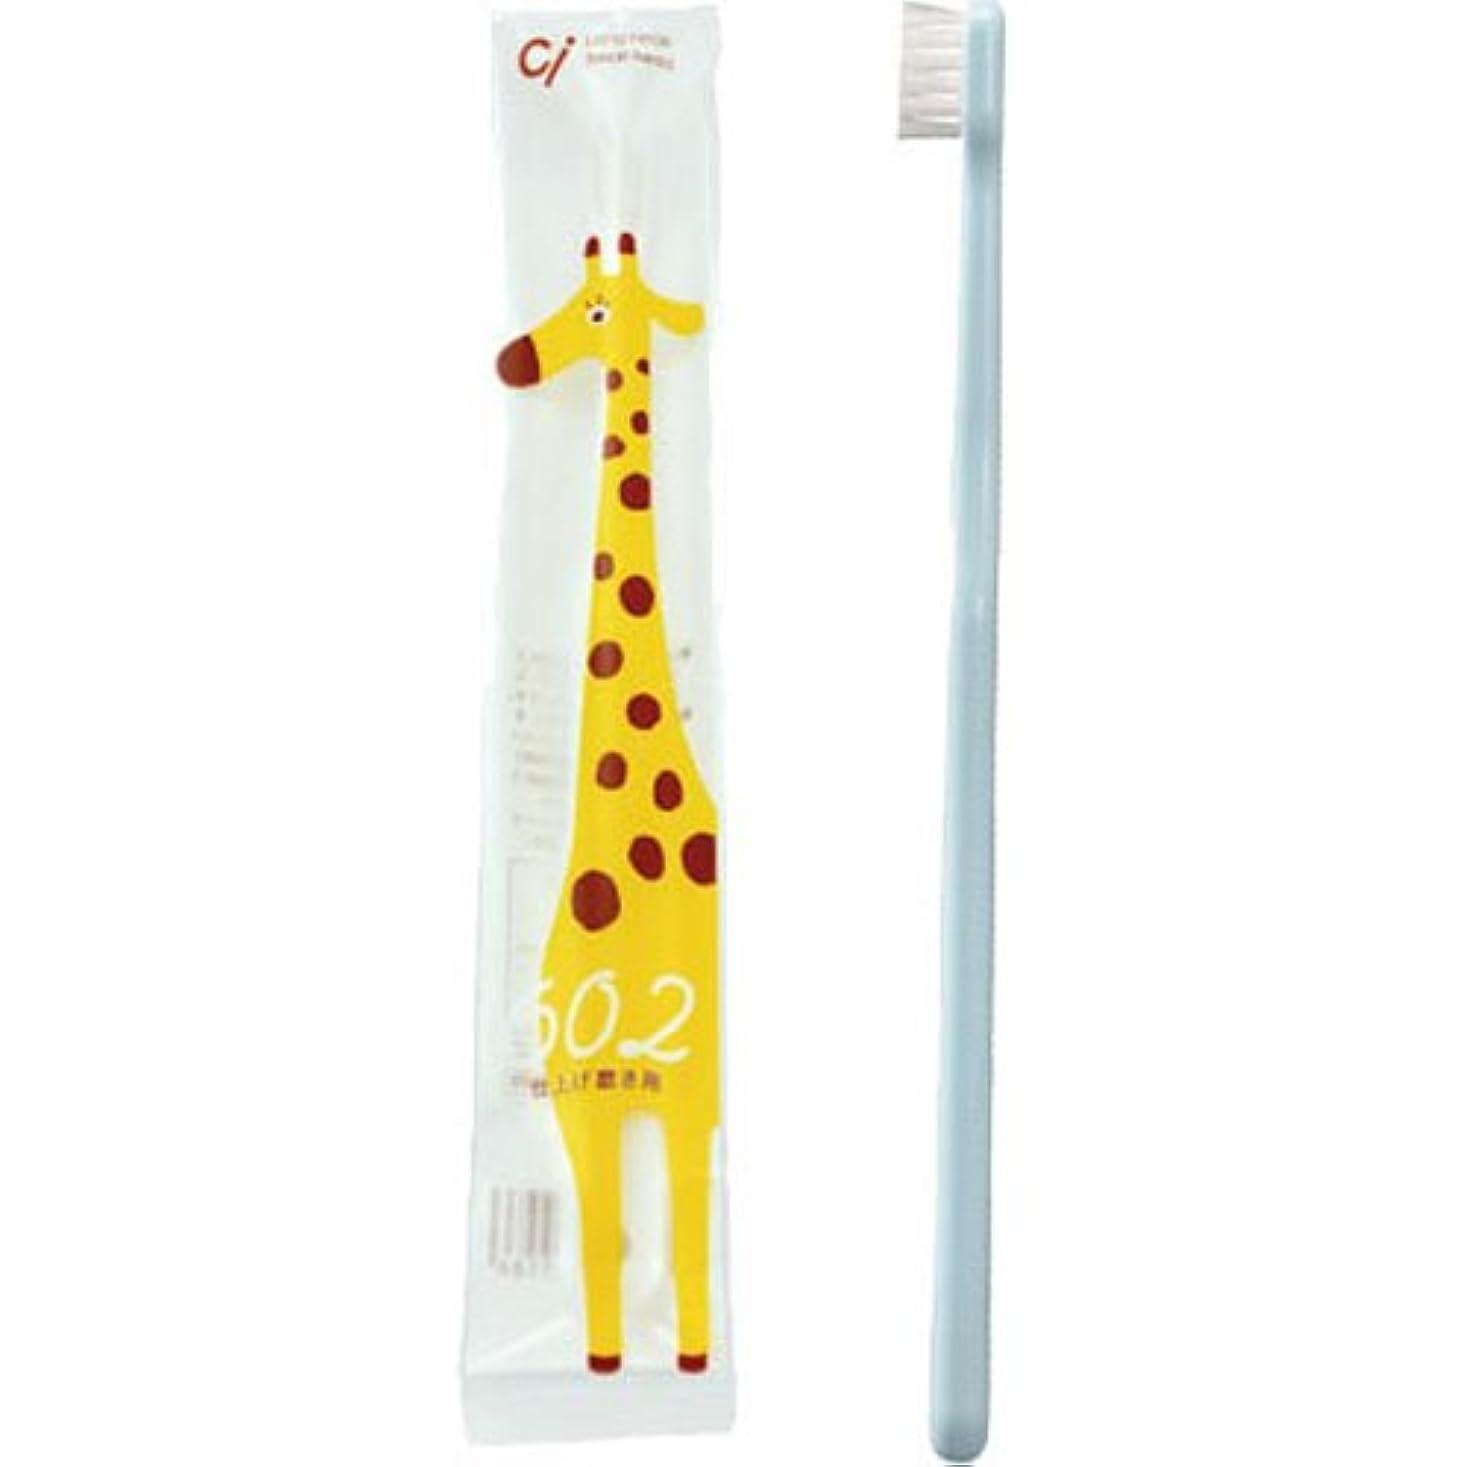 める電球祖母Ci(シーアイ) 歯ブラシ 仕上げ磨き用 #602 1本入